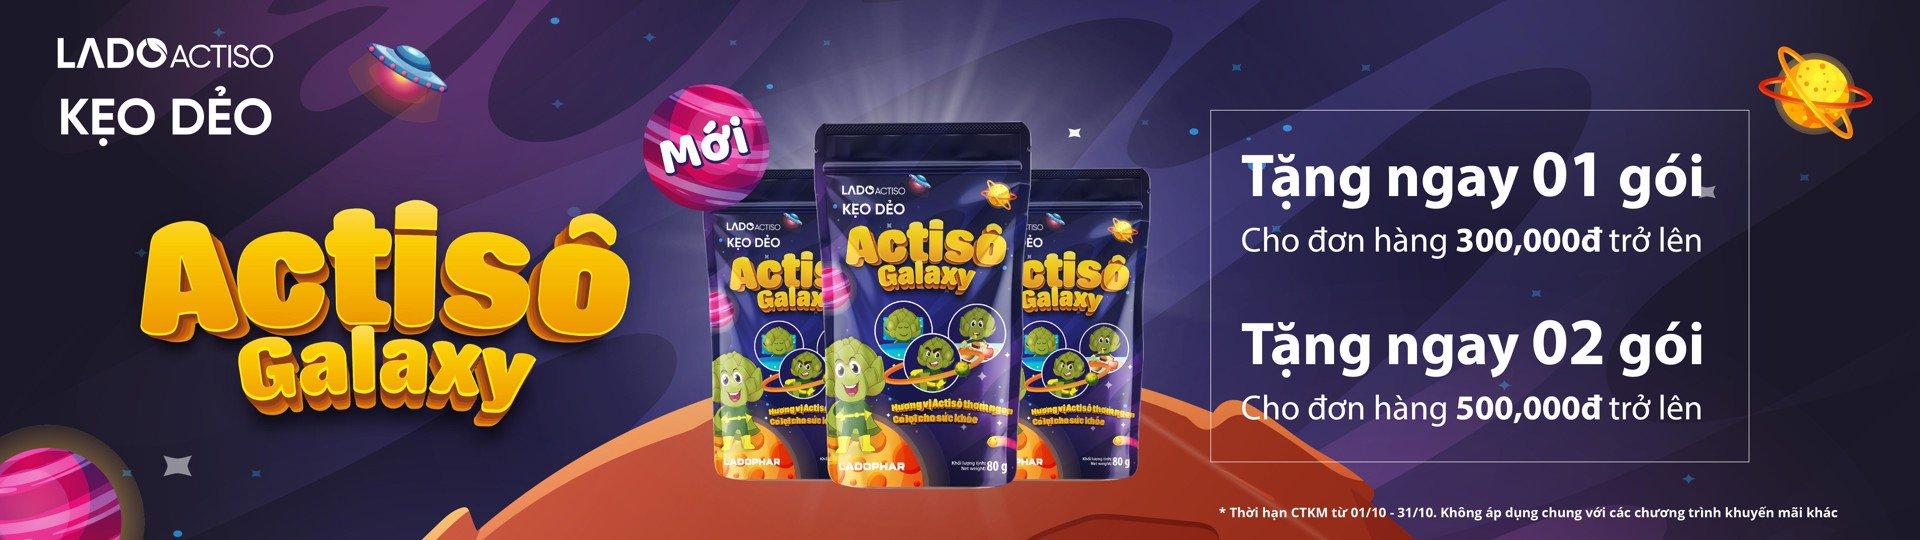 Tặng kẹo dẻo Actiso trị giá 29k cho đơn hàng từ 300k trở lên